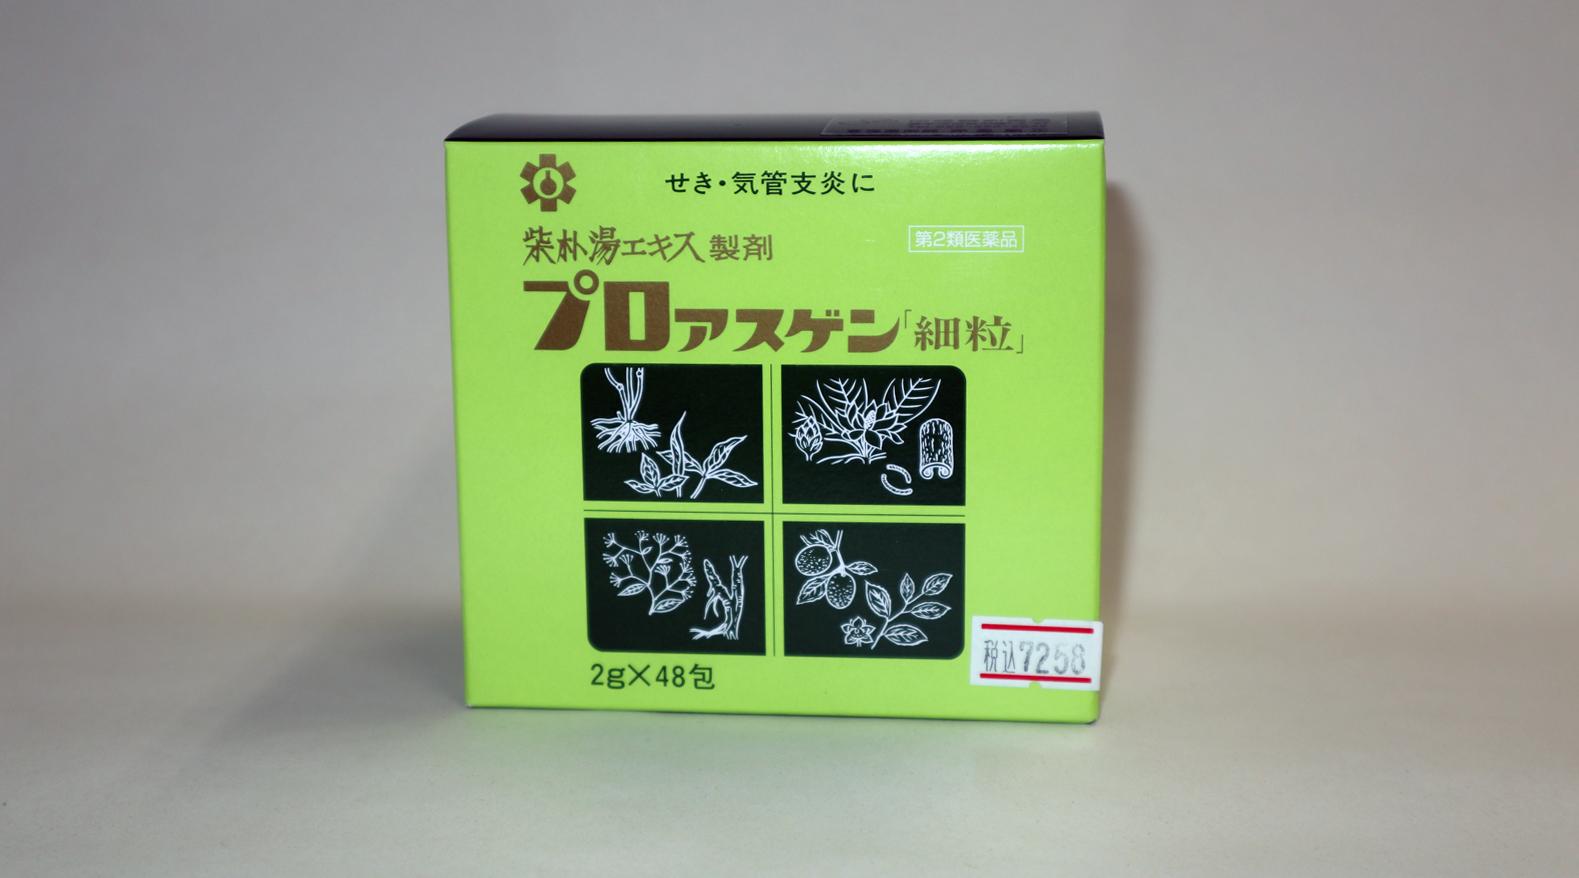 漢方及び生薬の商品一覧 | 田崎調剤薬局 | TASAKI PHARMACY